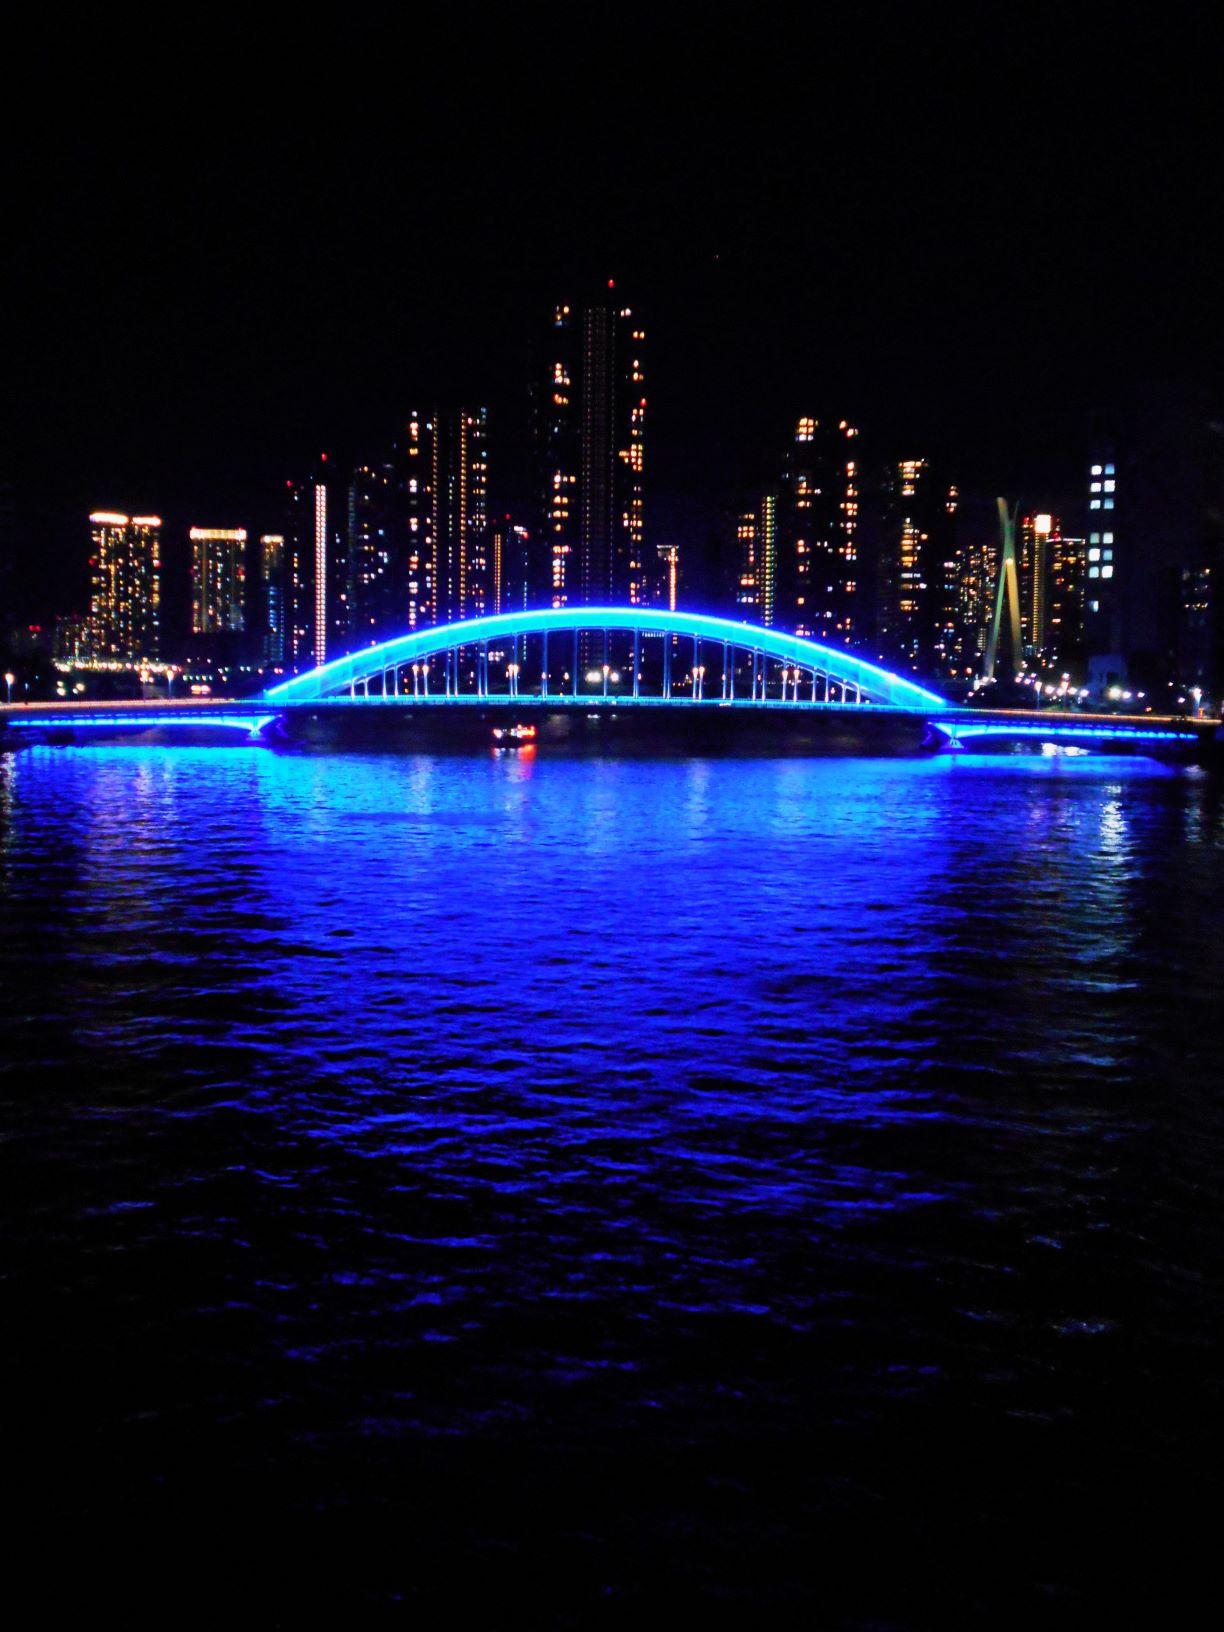 ライトアップされた永代橋と湾岸ビル群の画像。